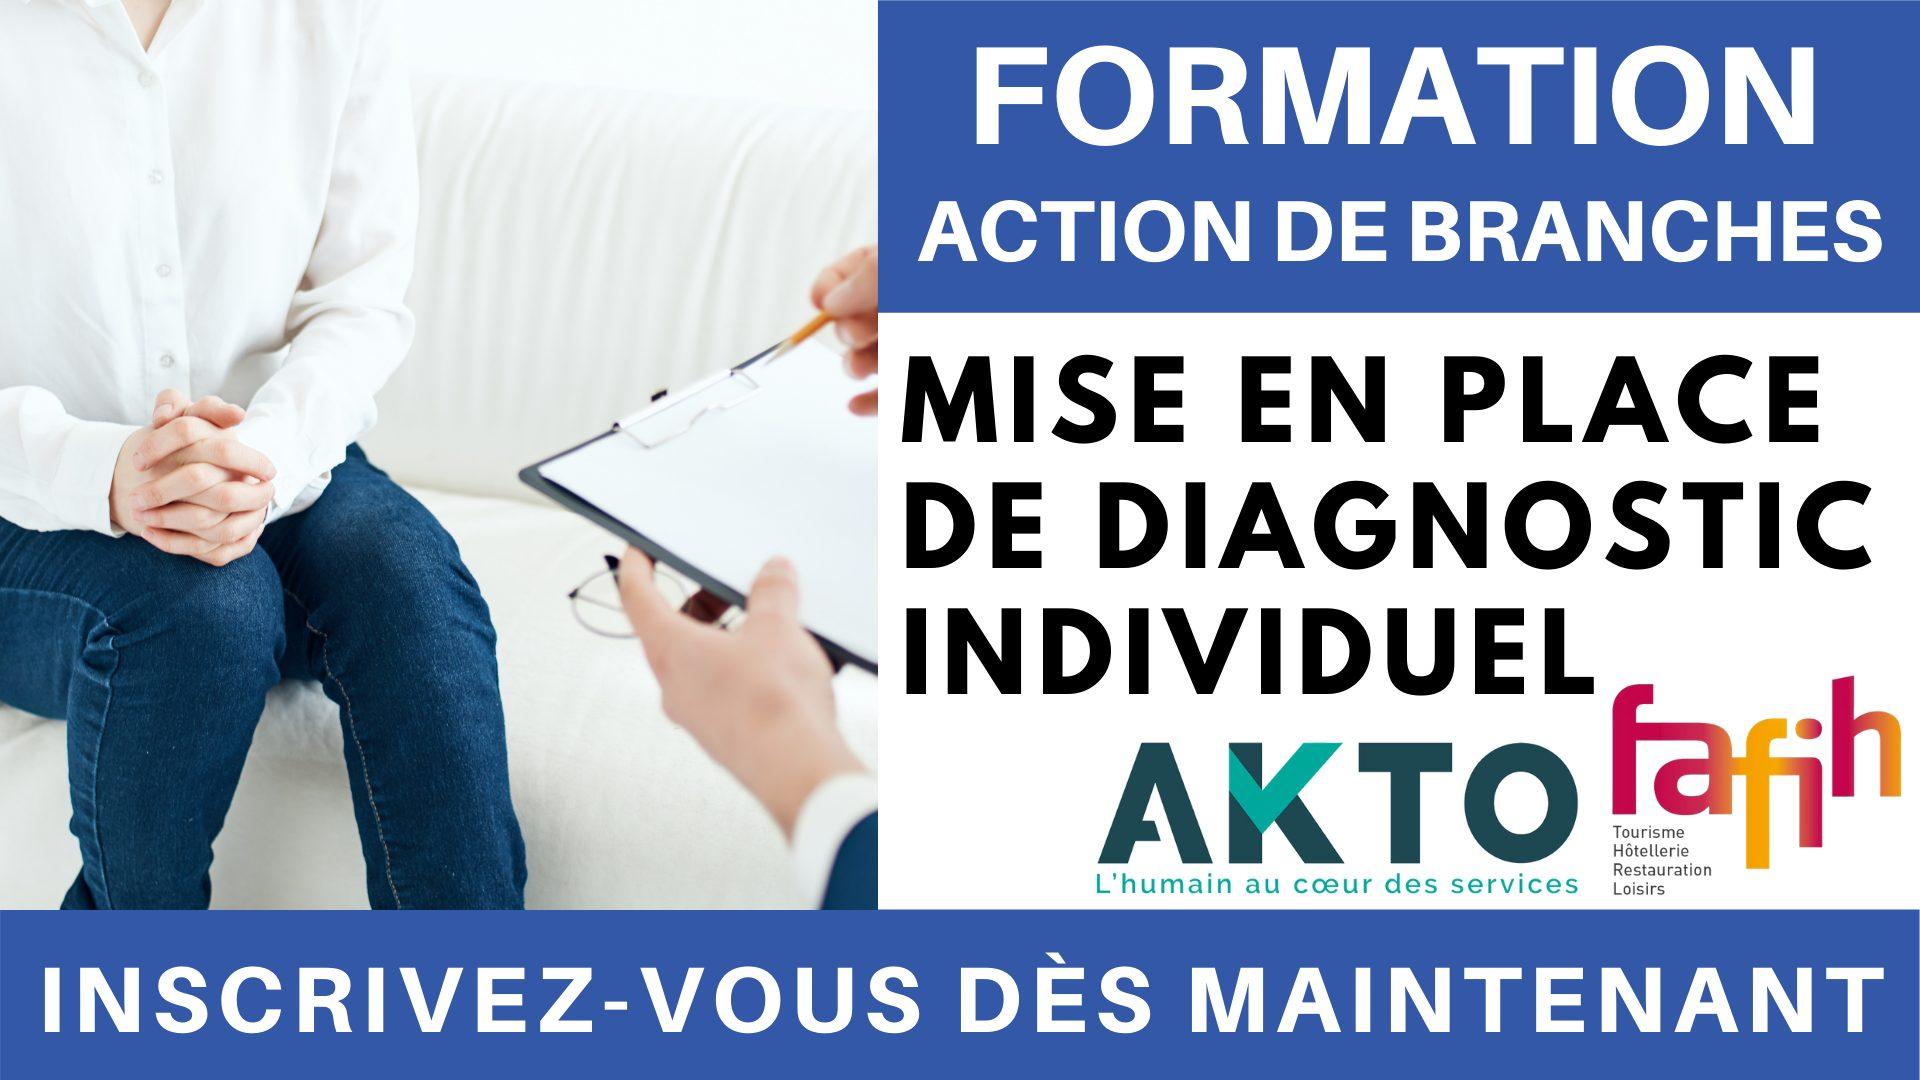 Formation Action de branches  Mise en place de diagnostic individuel